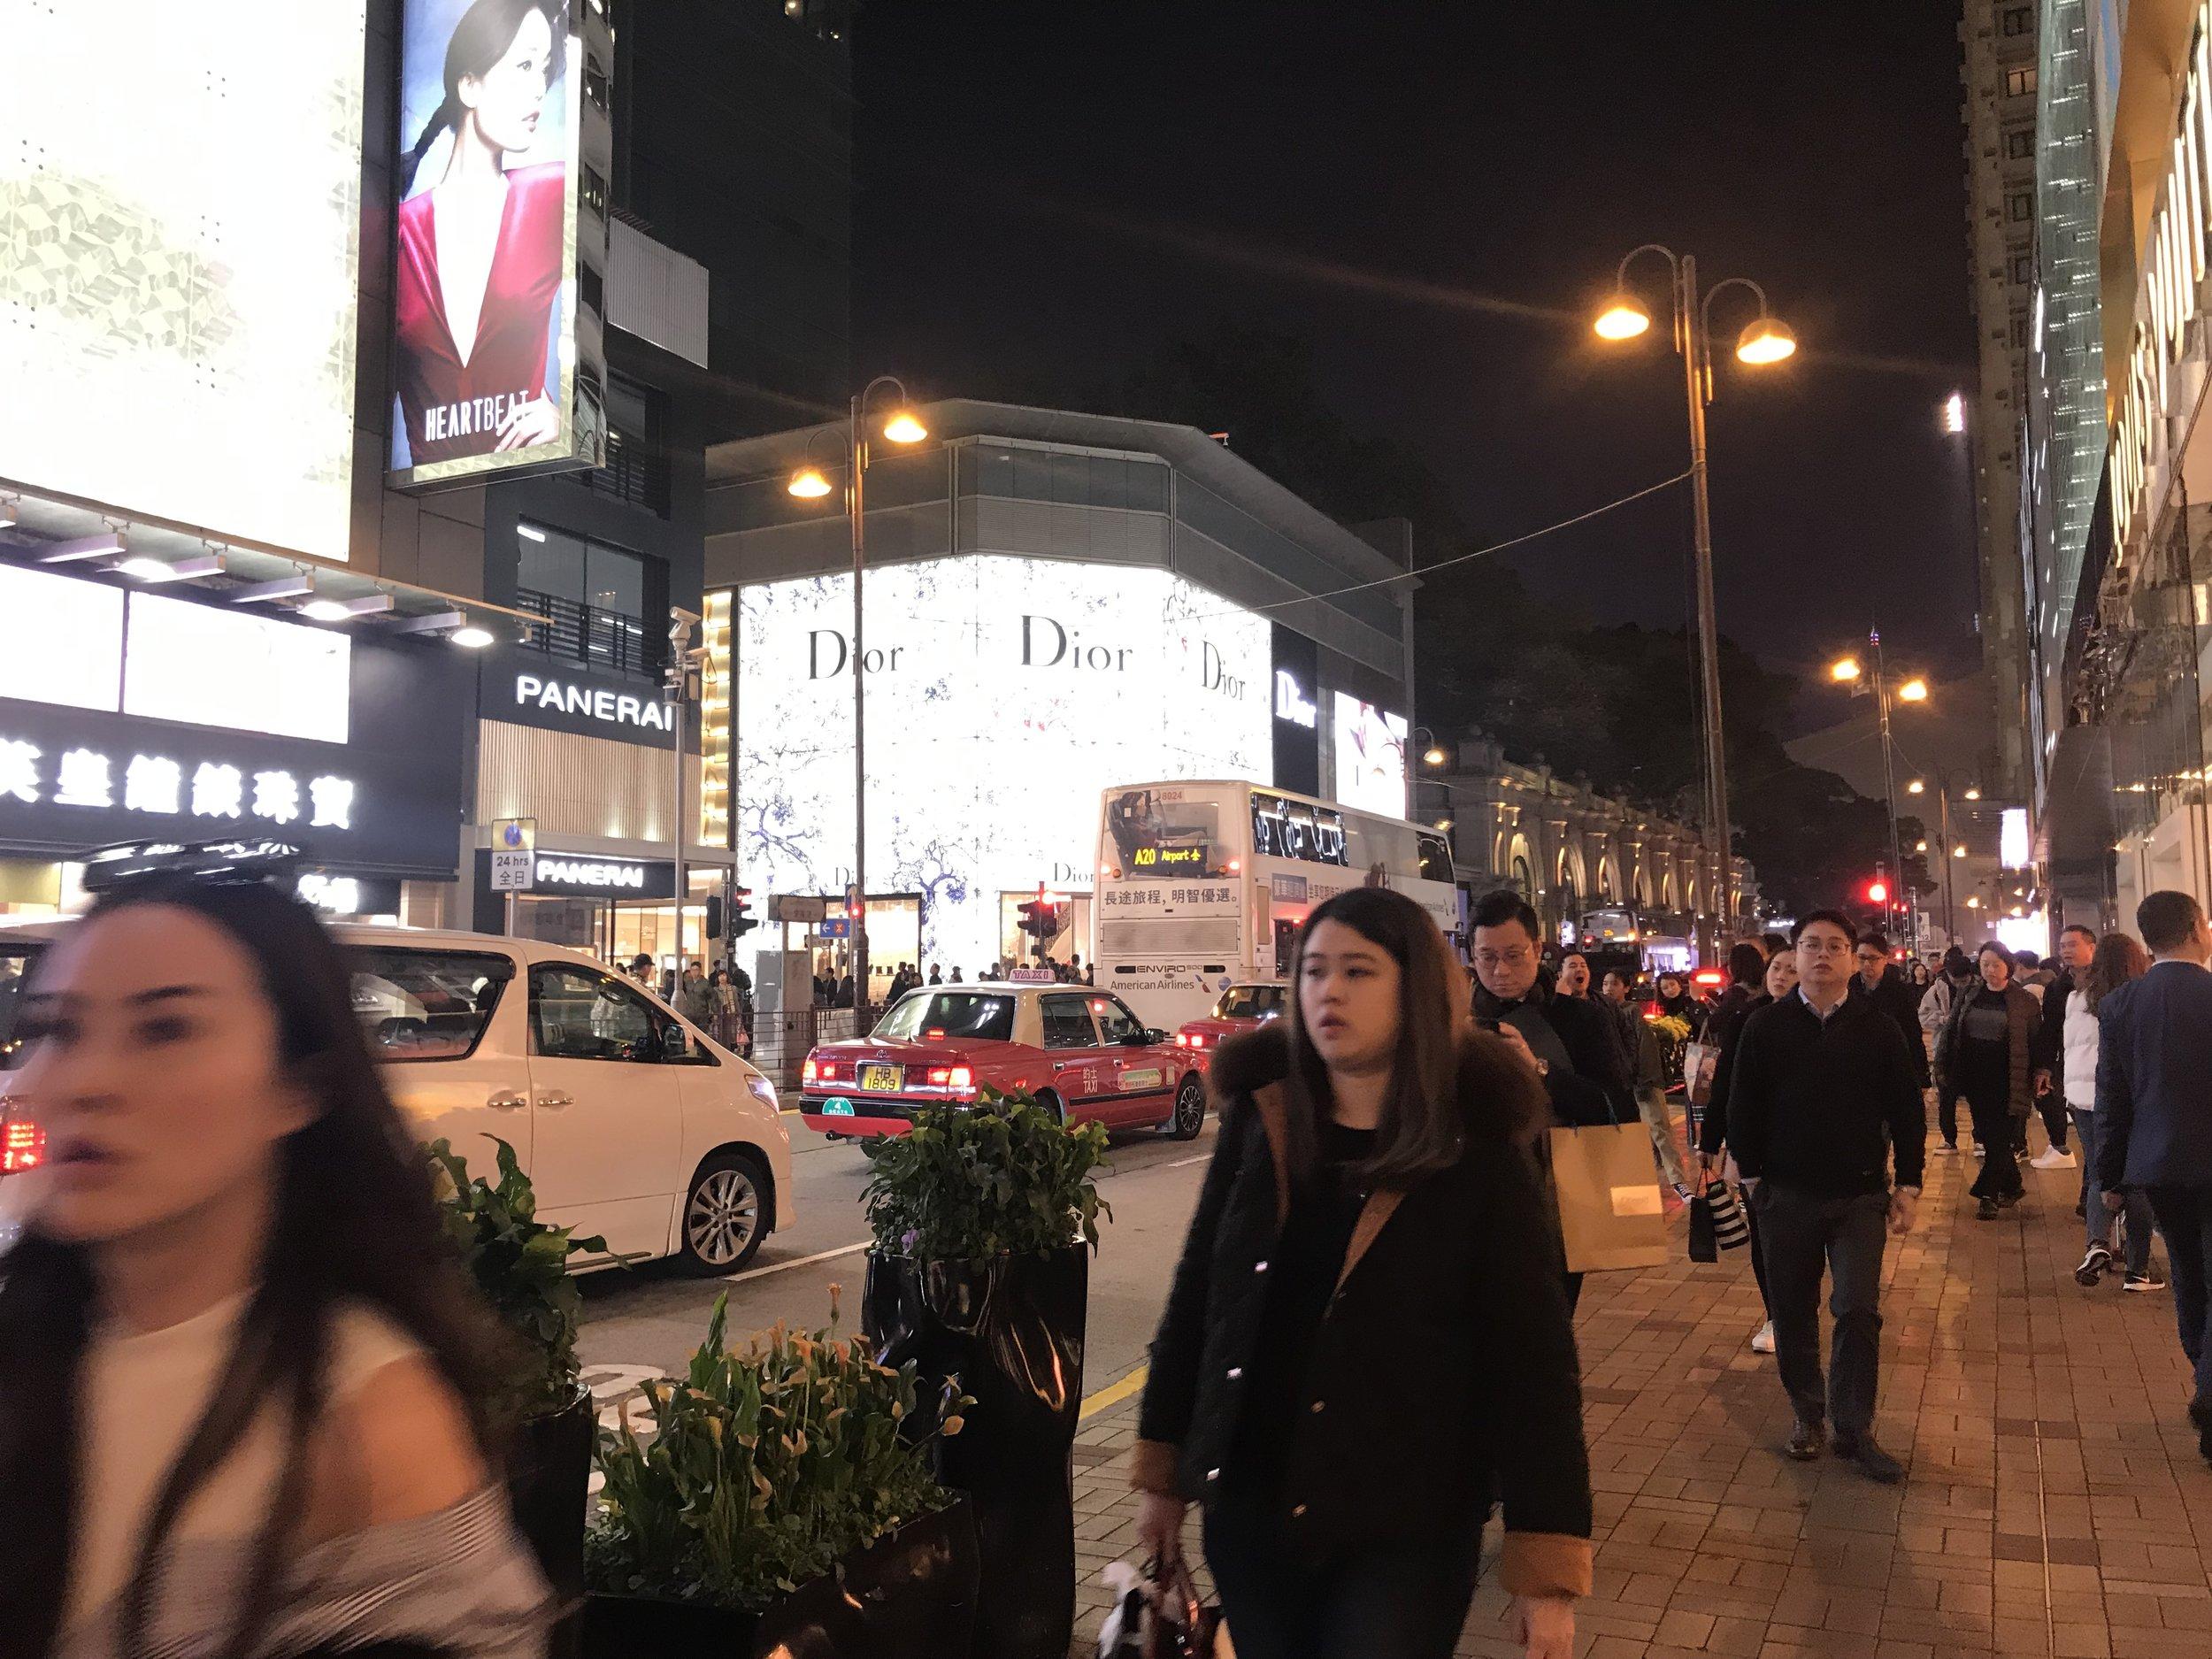 Buổi tối cô bé lọ lem Kowloon chuyển mình thành nàng công chúa lộng lẫy.